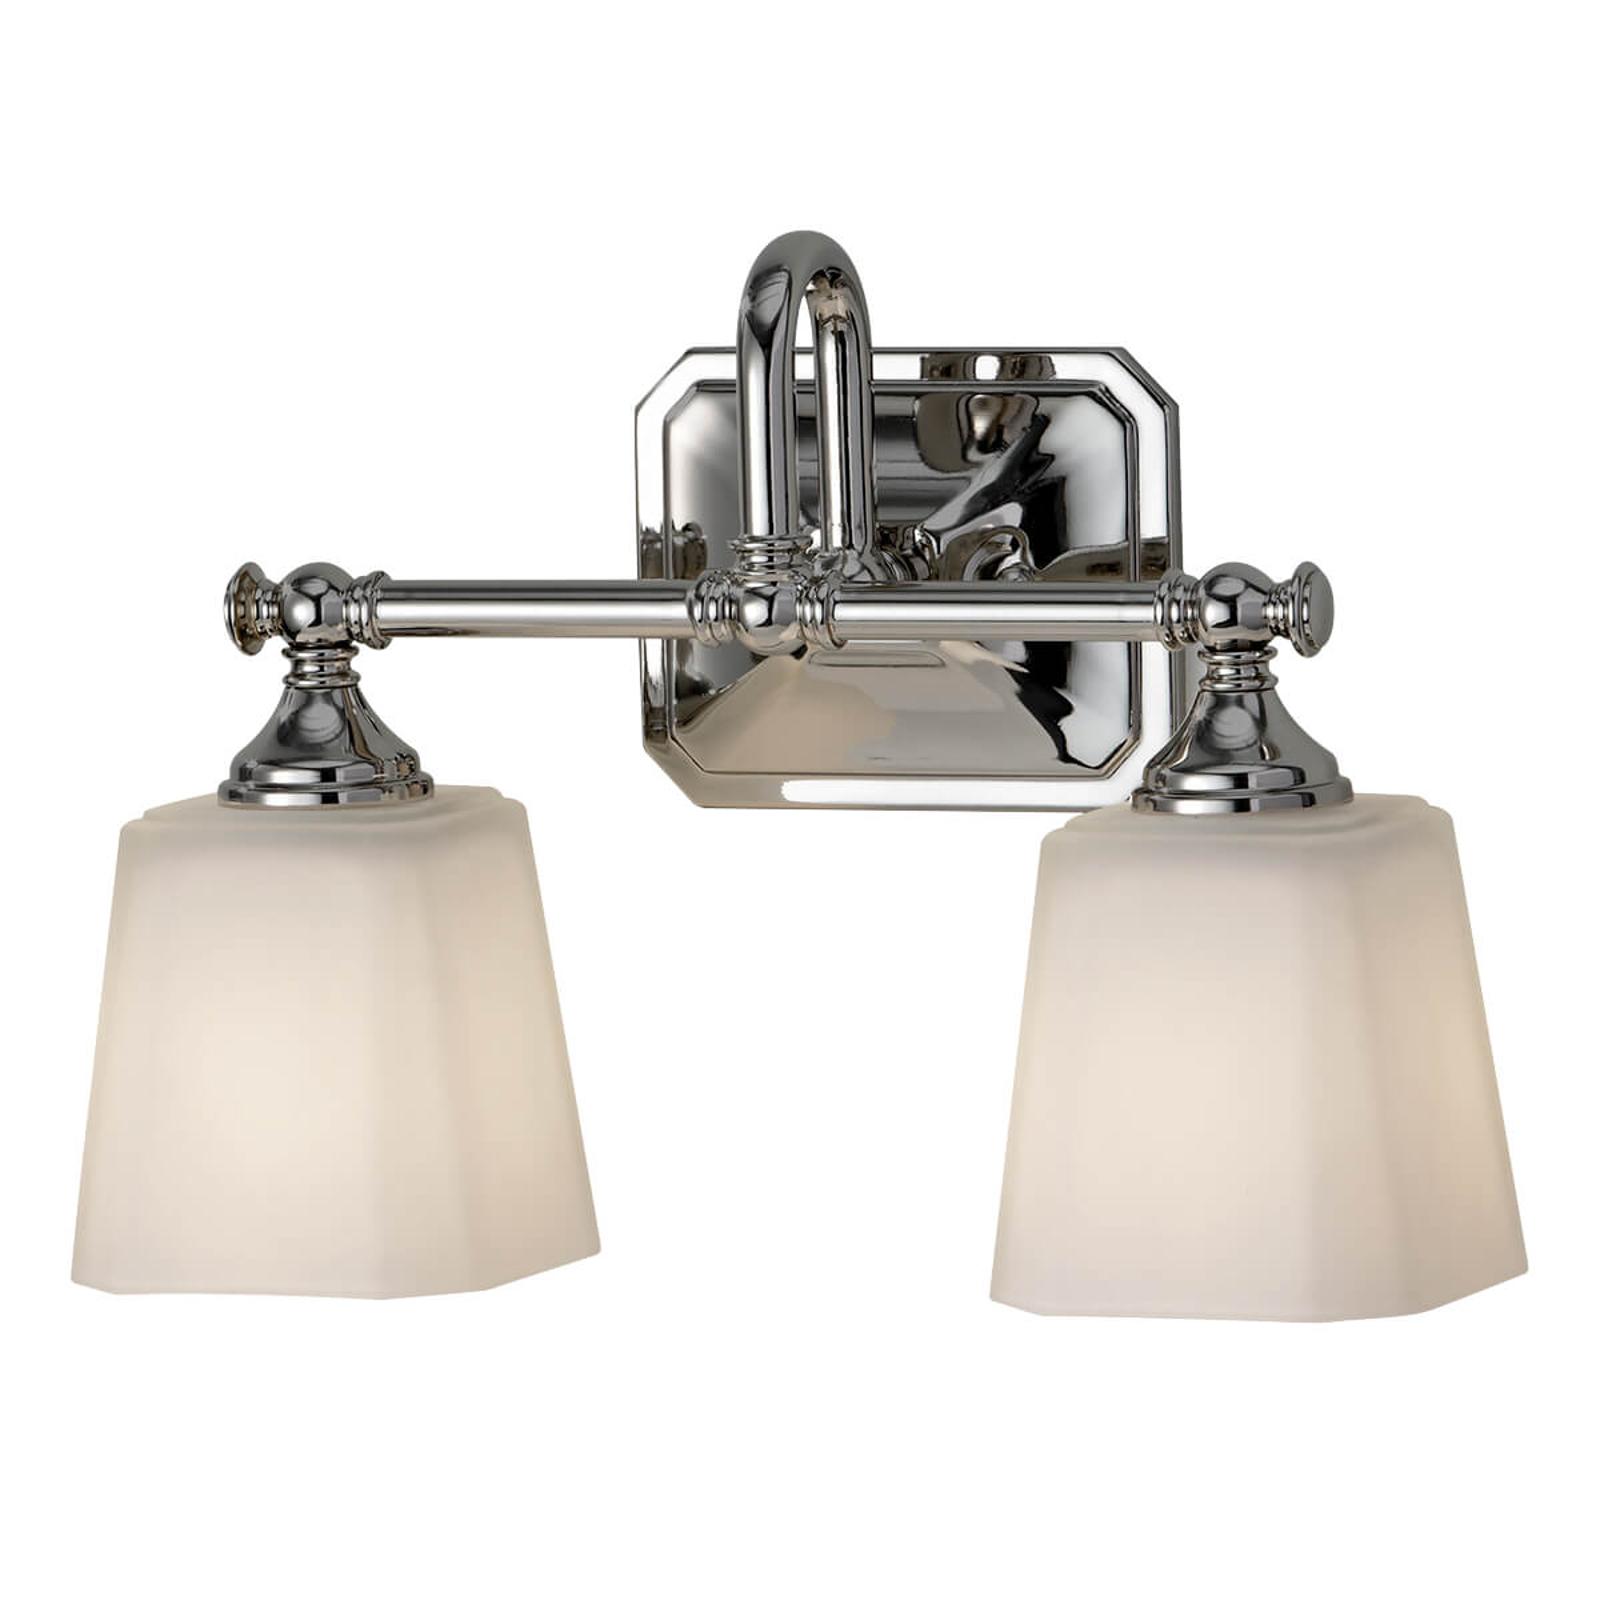 Concord - applique miroir & salle de bain 2 lampes